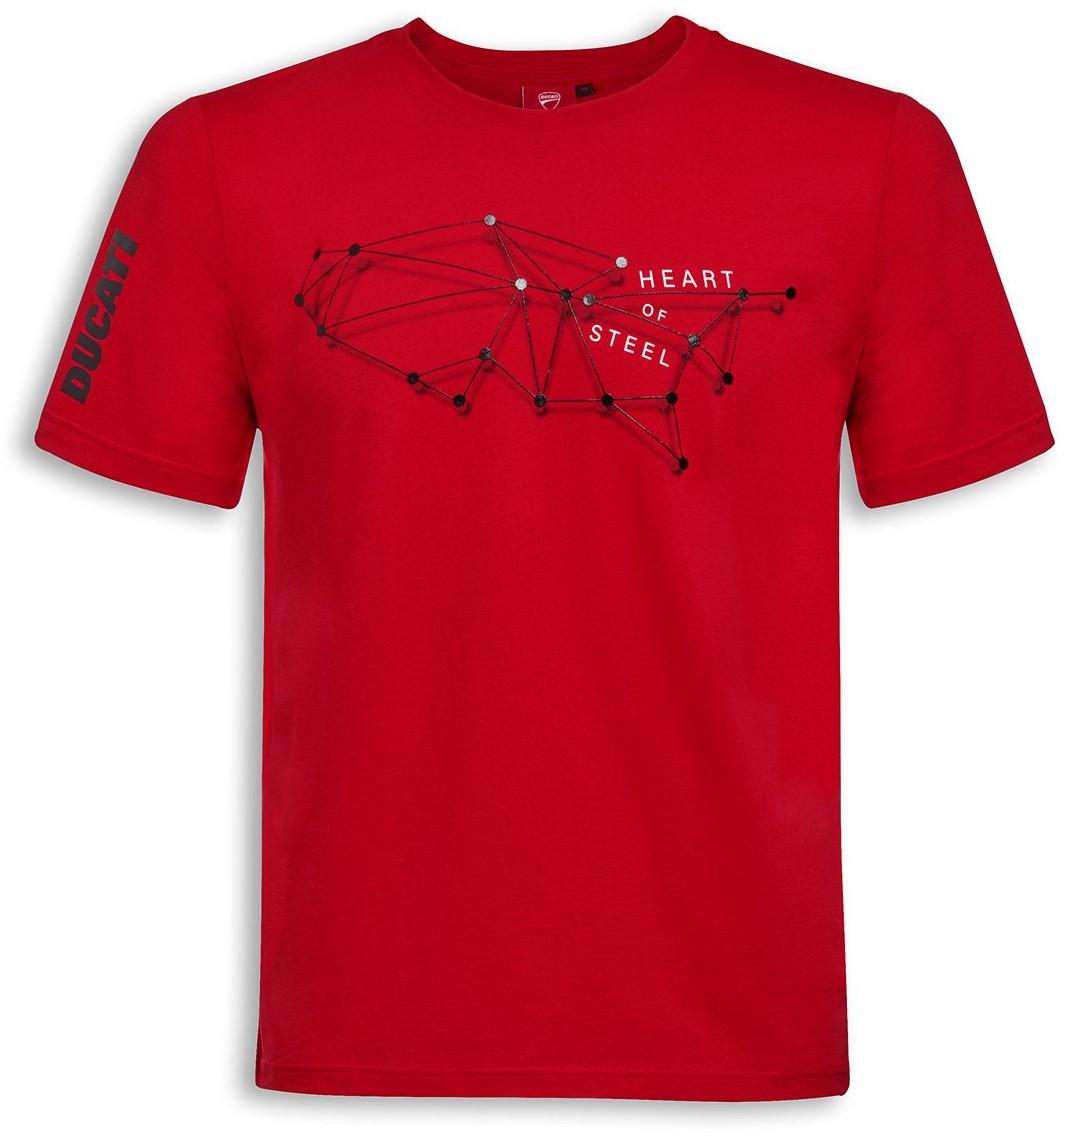 【DUCATI performance】Steel Heart T恤 - 「Webike-摩托百貨」